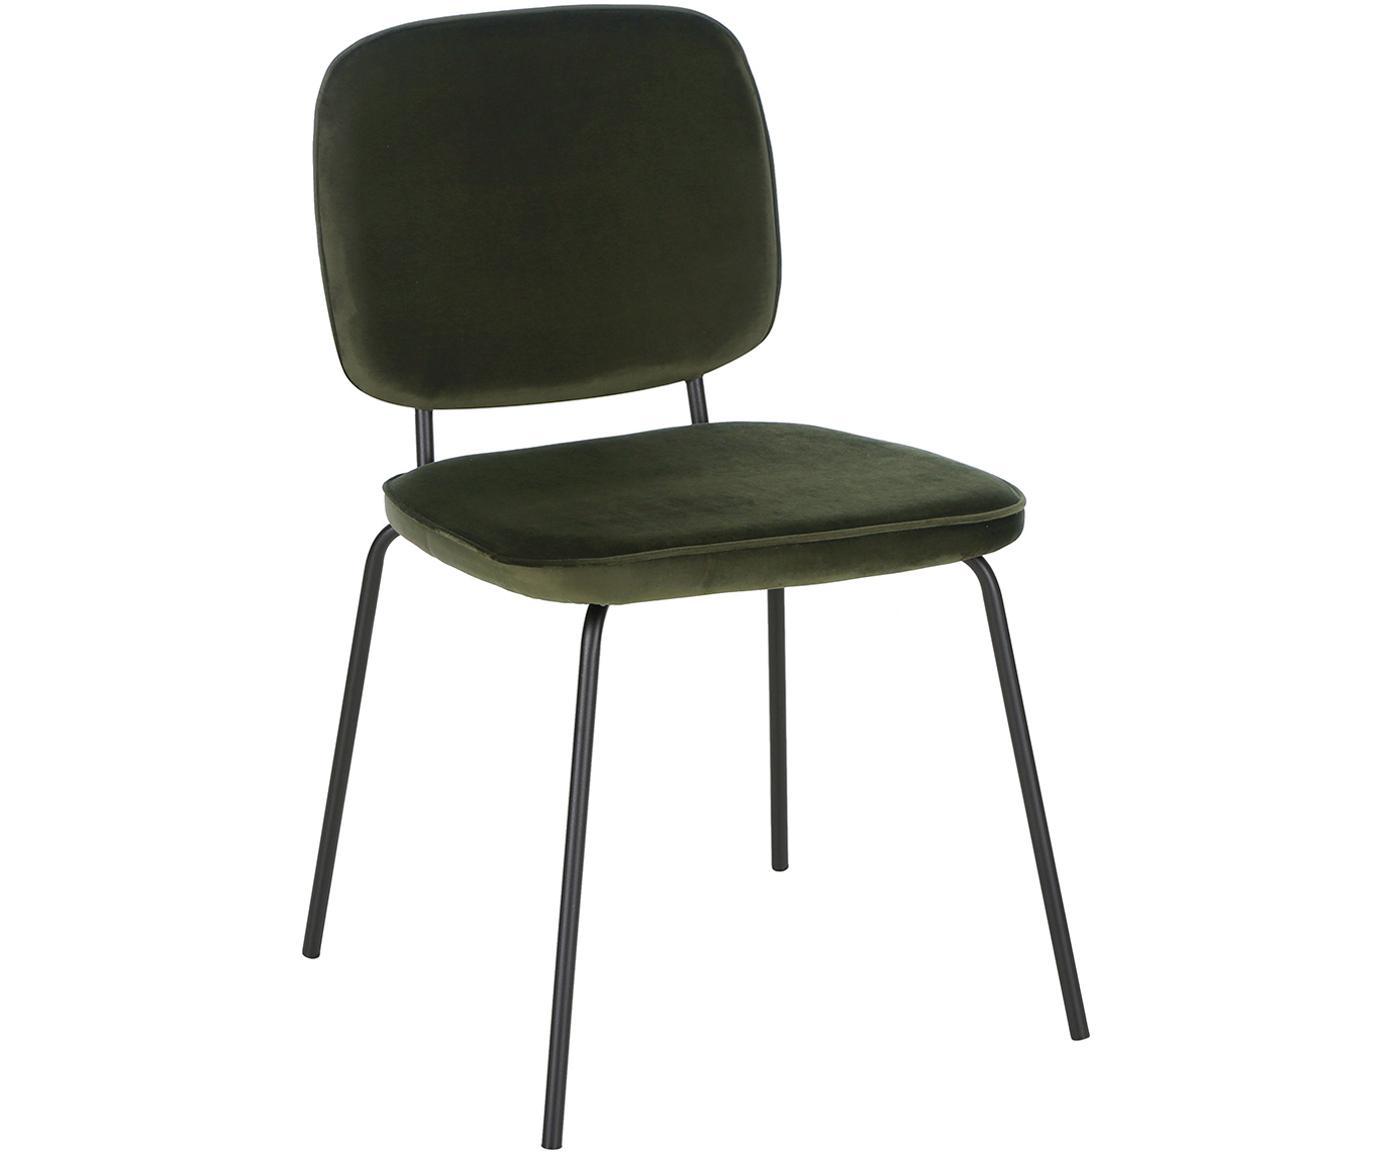 Fluwelen stoelen Jasper, 2 stuks, Bekleding: fluweel (hoogwaardig poly, Poten: gepoedercoat metaal, Donkergroen, B 49 x D 57 cm